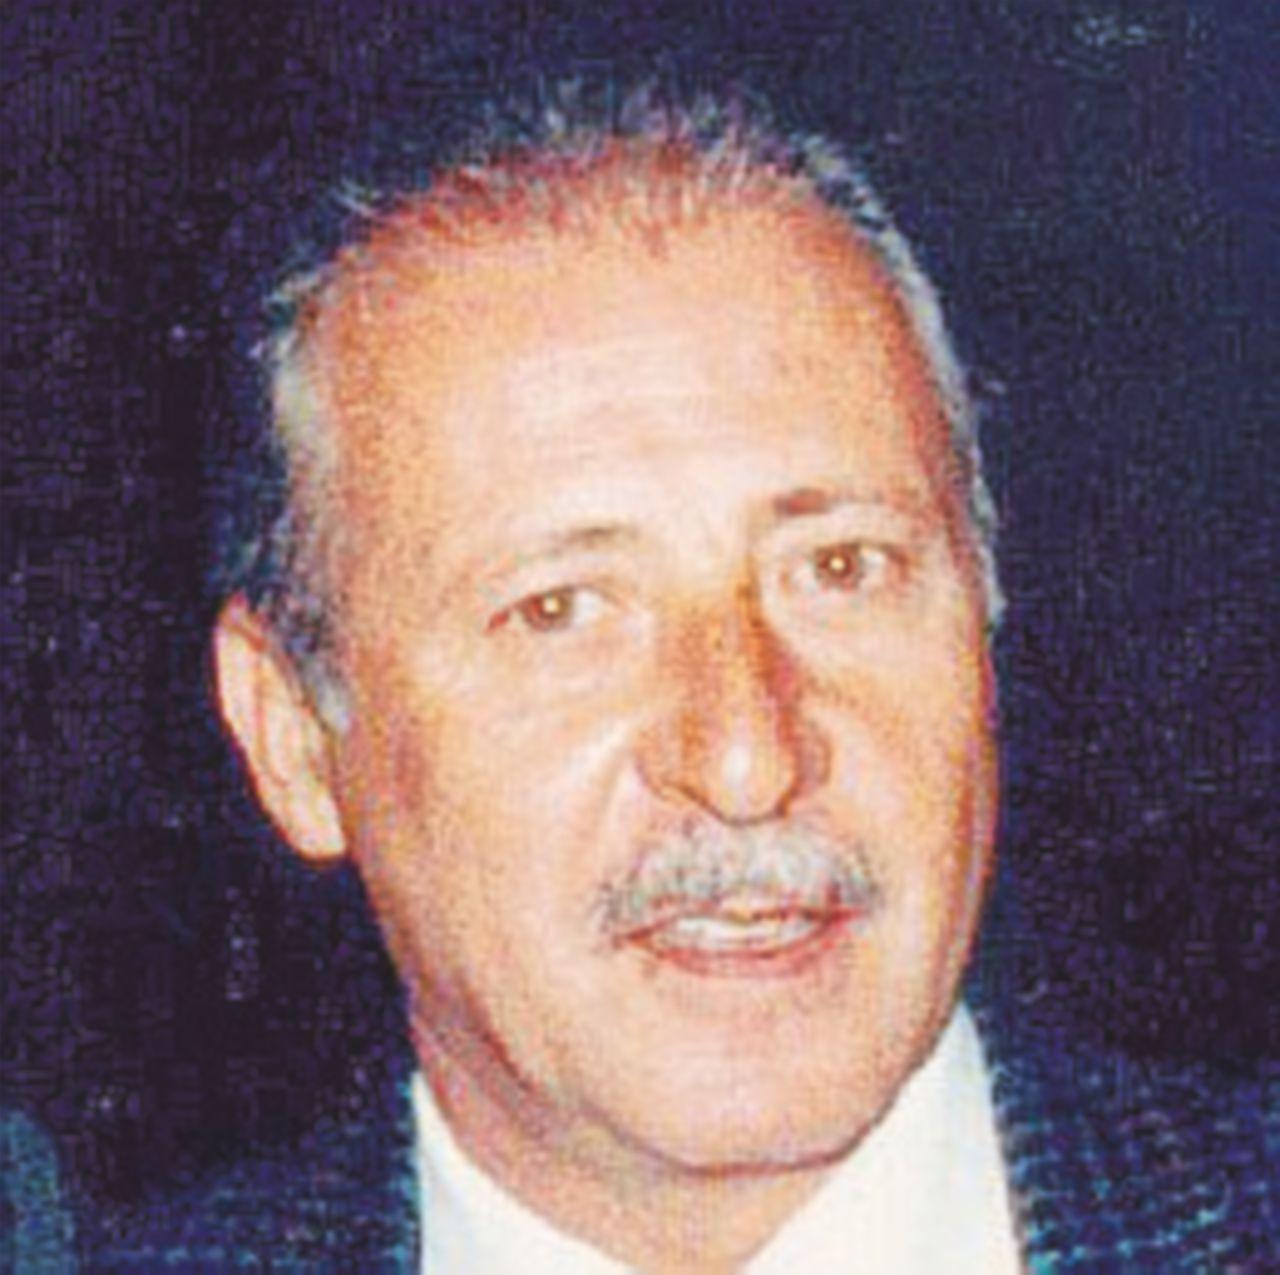 Photo of Borsellino, l'ultima intervista e i misteri ancora da svelare